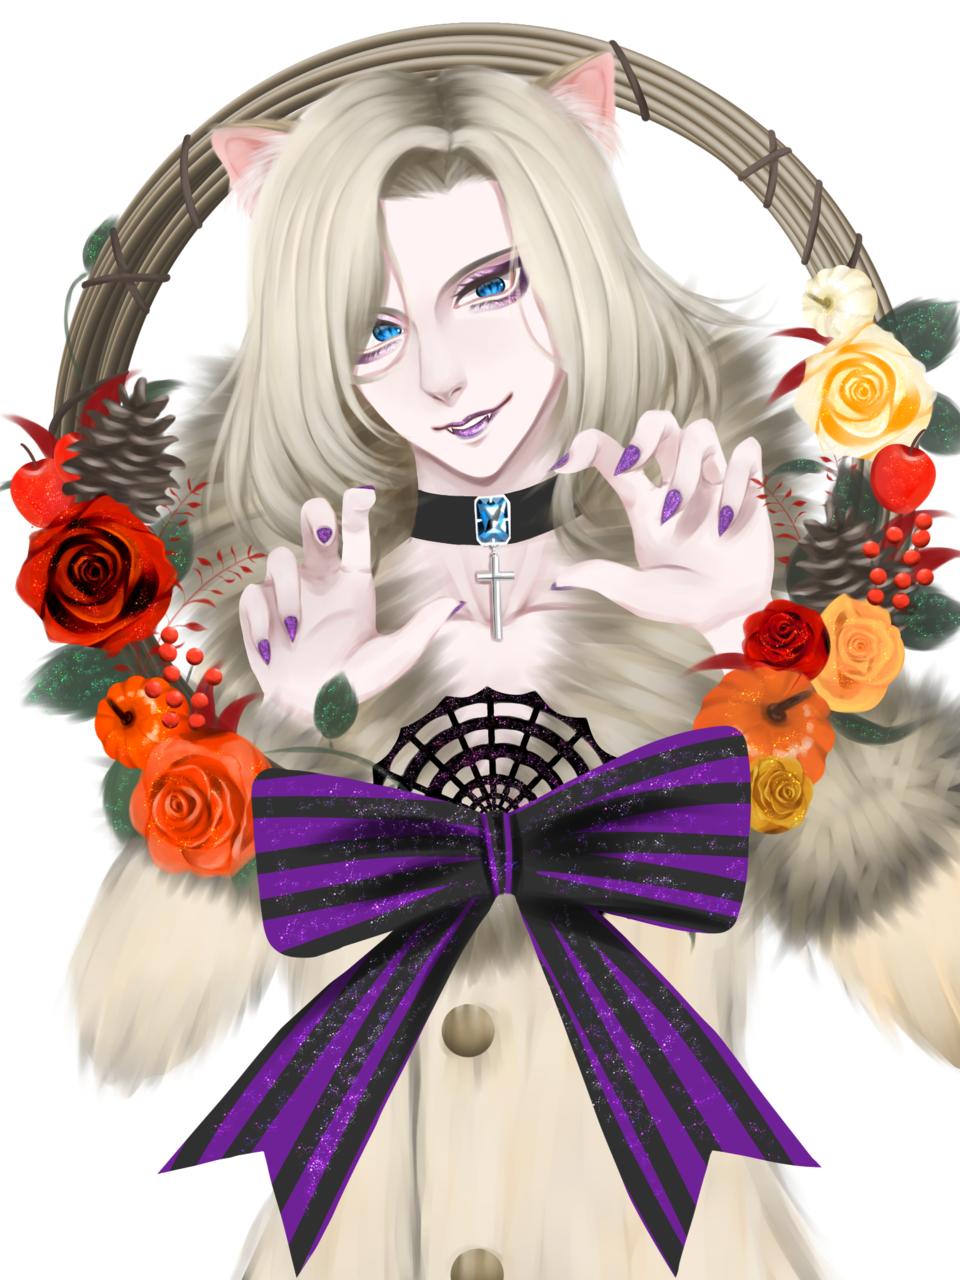 ハロウィーン Illust of 塩宮分 September2020_Contest:Furry boy ファーリー 獣人 Halloween cat